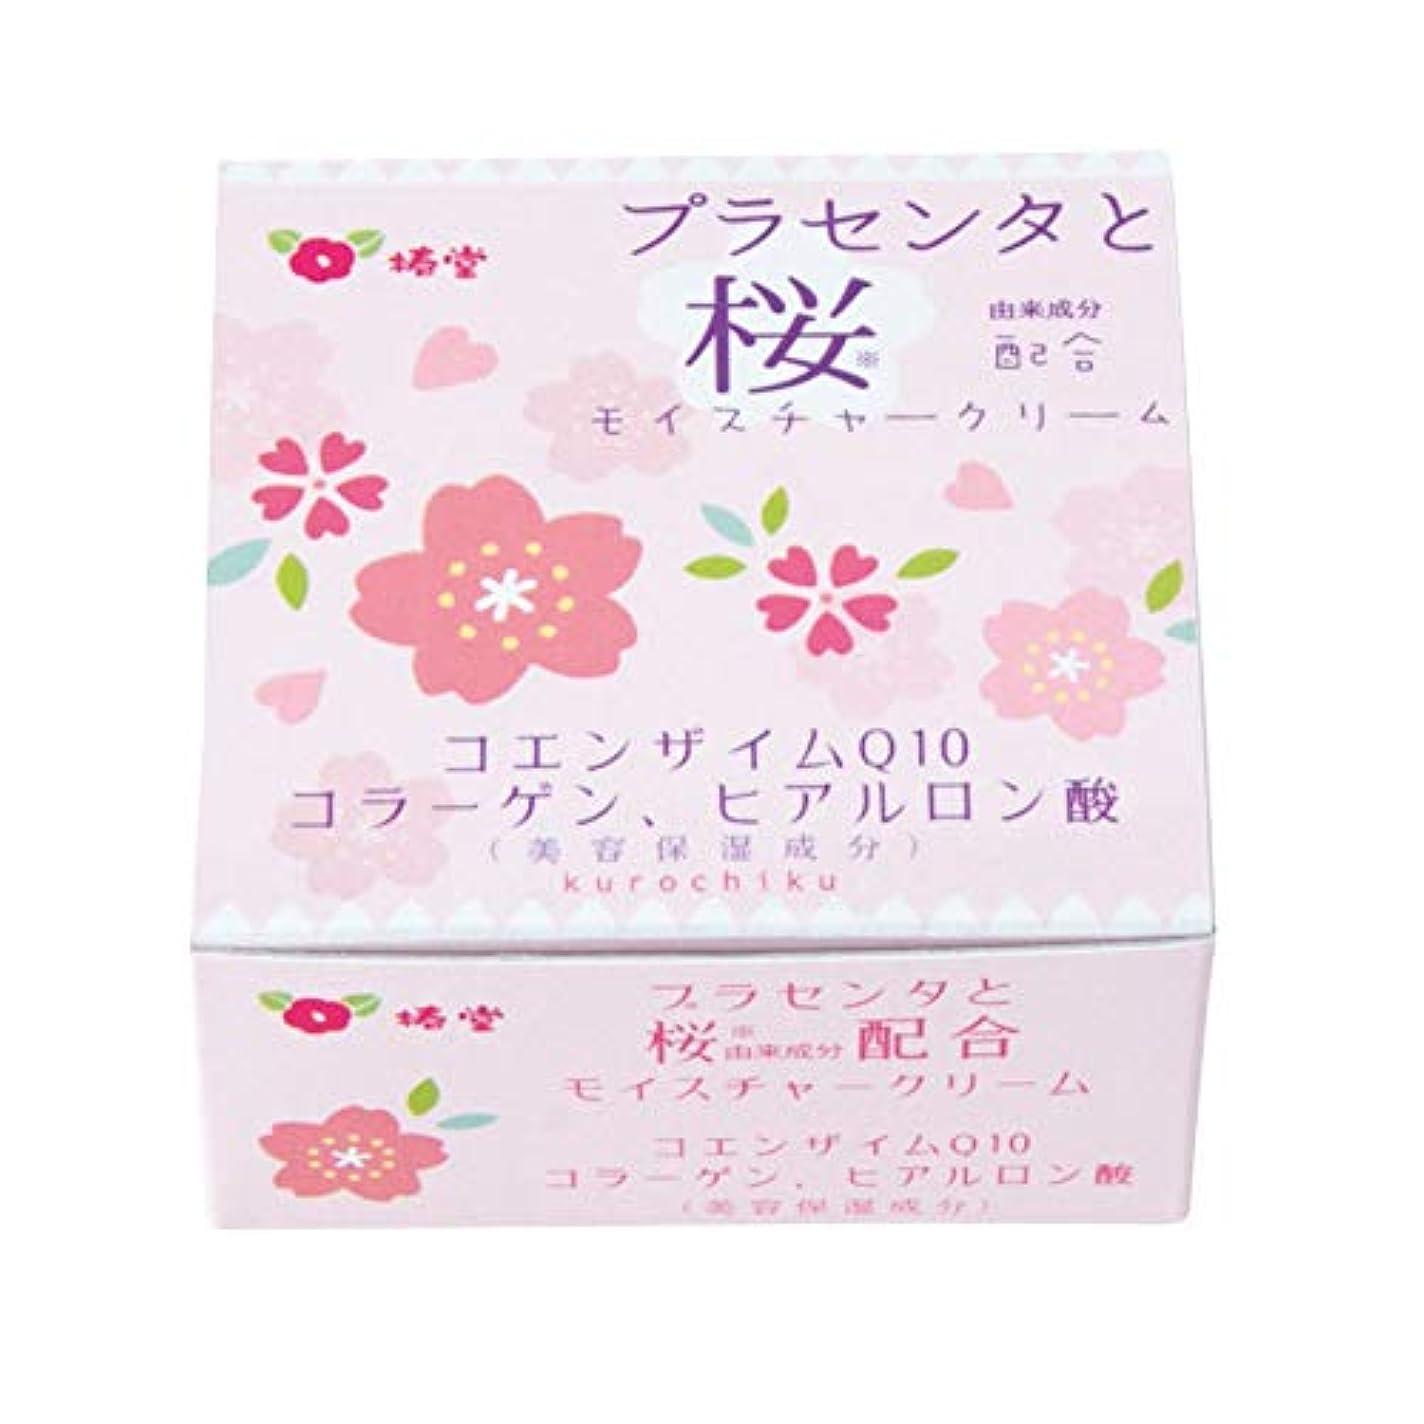 液化するベンチ墓椿堂 桜モイスチャークリーム (プラセンタと桜) 京都くろちく